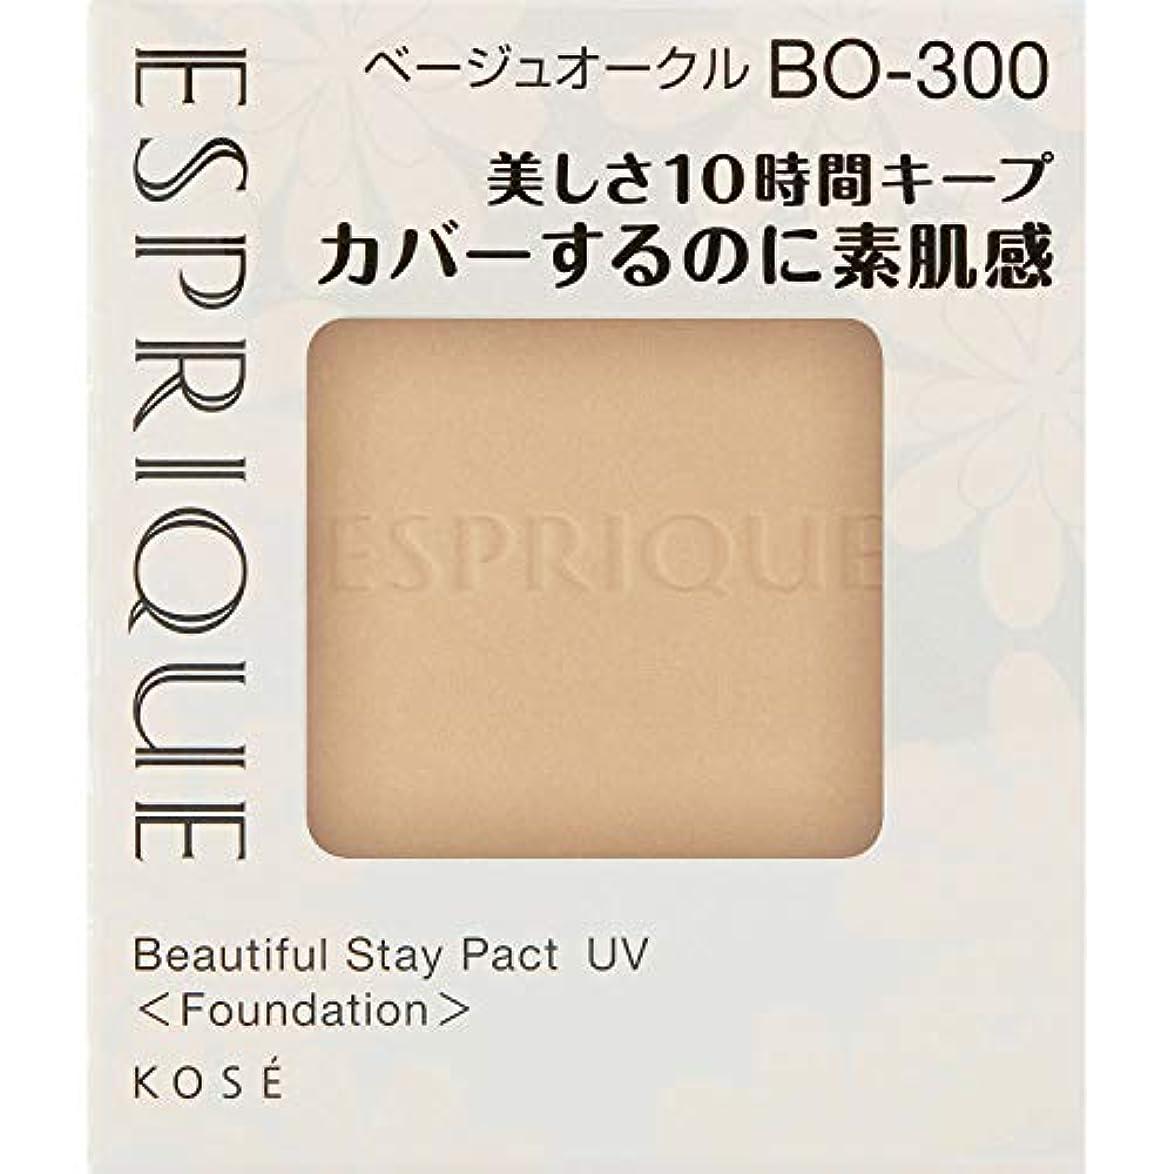 血色の良い冷淡な死エスプリーク カバーするのに素肌感持続 パクト UV BO-300 ベージュオークル 9.3g